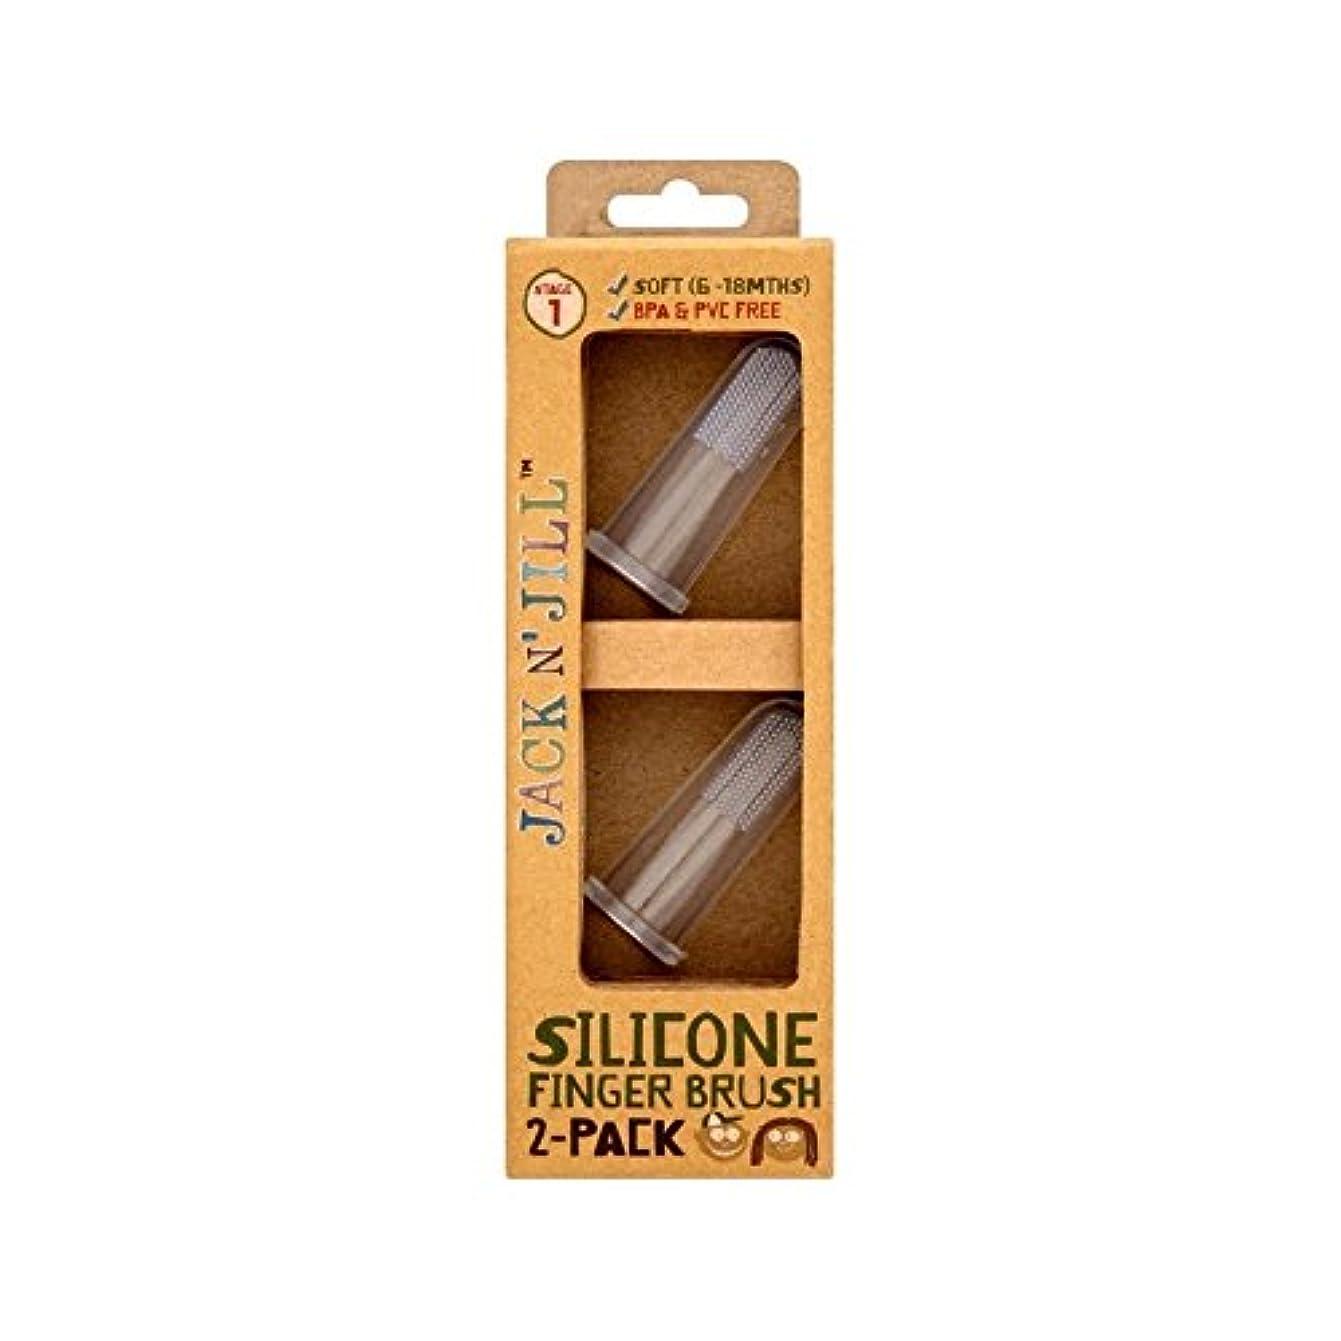 シリコーン指ブラシ2パックあたりパック2 (Jack N Jill) (x 6) - Jack N' Jill Silicone Finger Brush 2 Pack 2 per pack (Pack of 6) [並行輸入品]